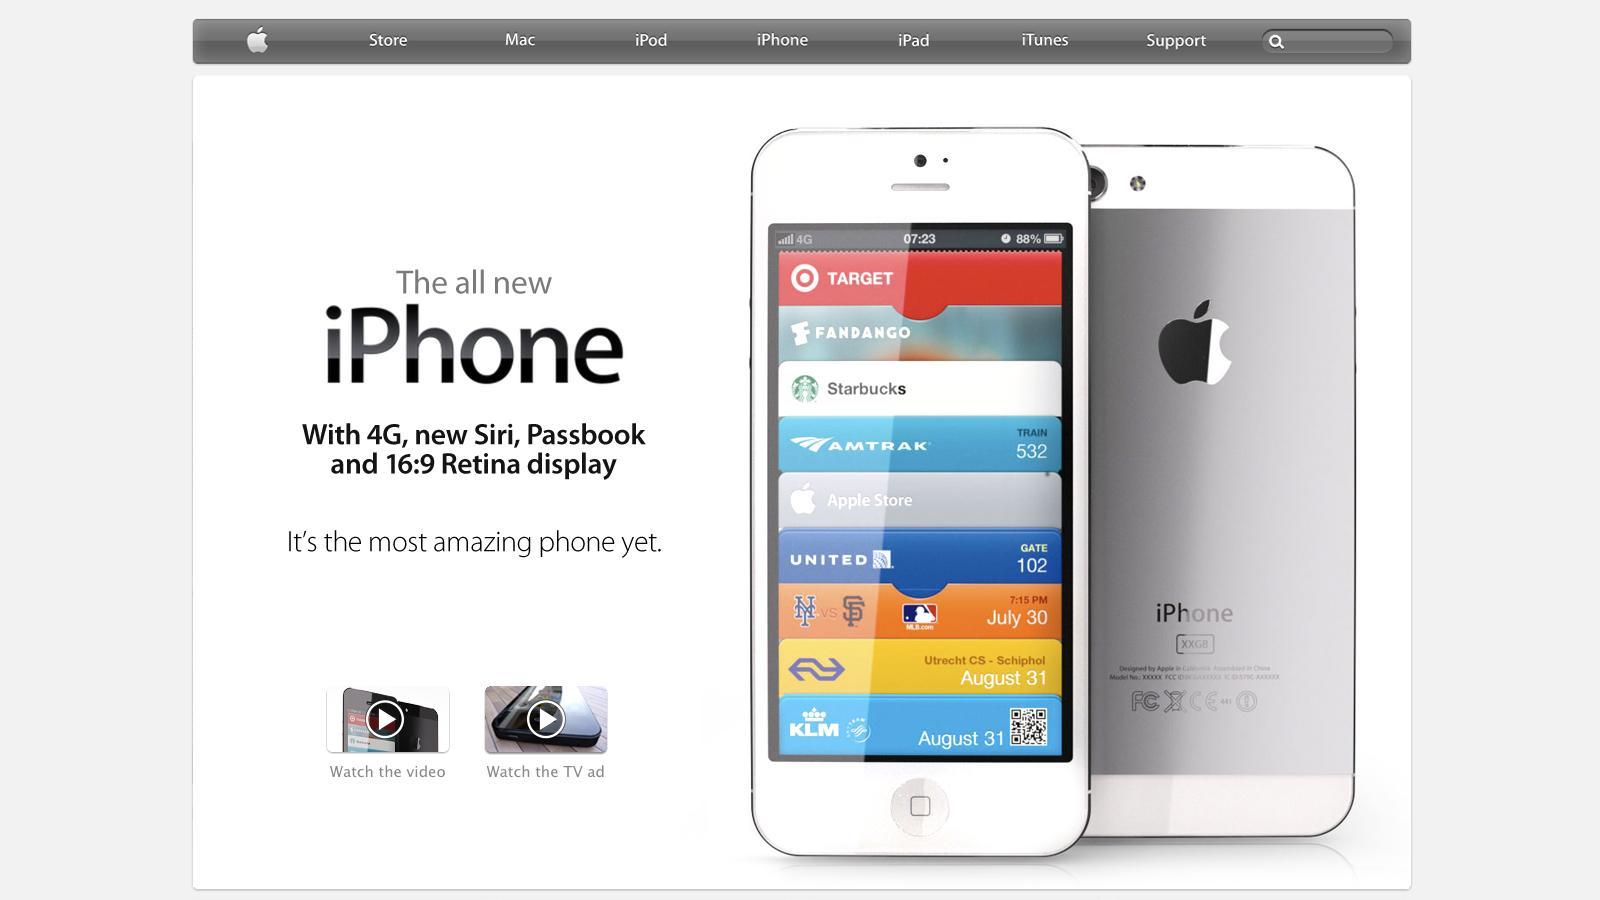 http://2.bp.blogspot.com/-cPBsDGM1NhI/UAKEQfHH-ZI/AAAAAAAAFvA/TOGuDHHuyEE/s1600/new_iphone_5_ios_6_preorders_august_2012_1.jpg